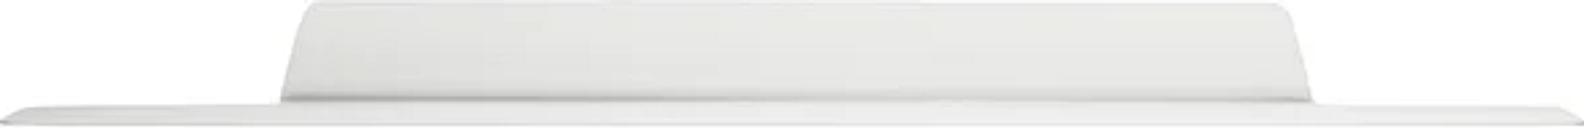 Normann Copenhagen Jet shelf, 160 cm, white